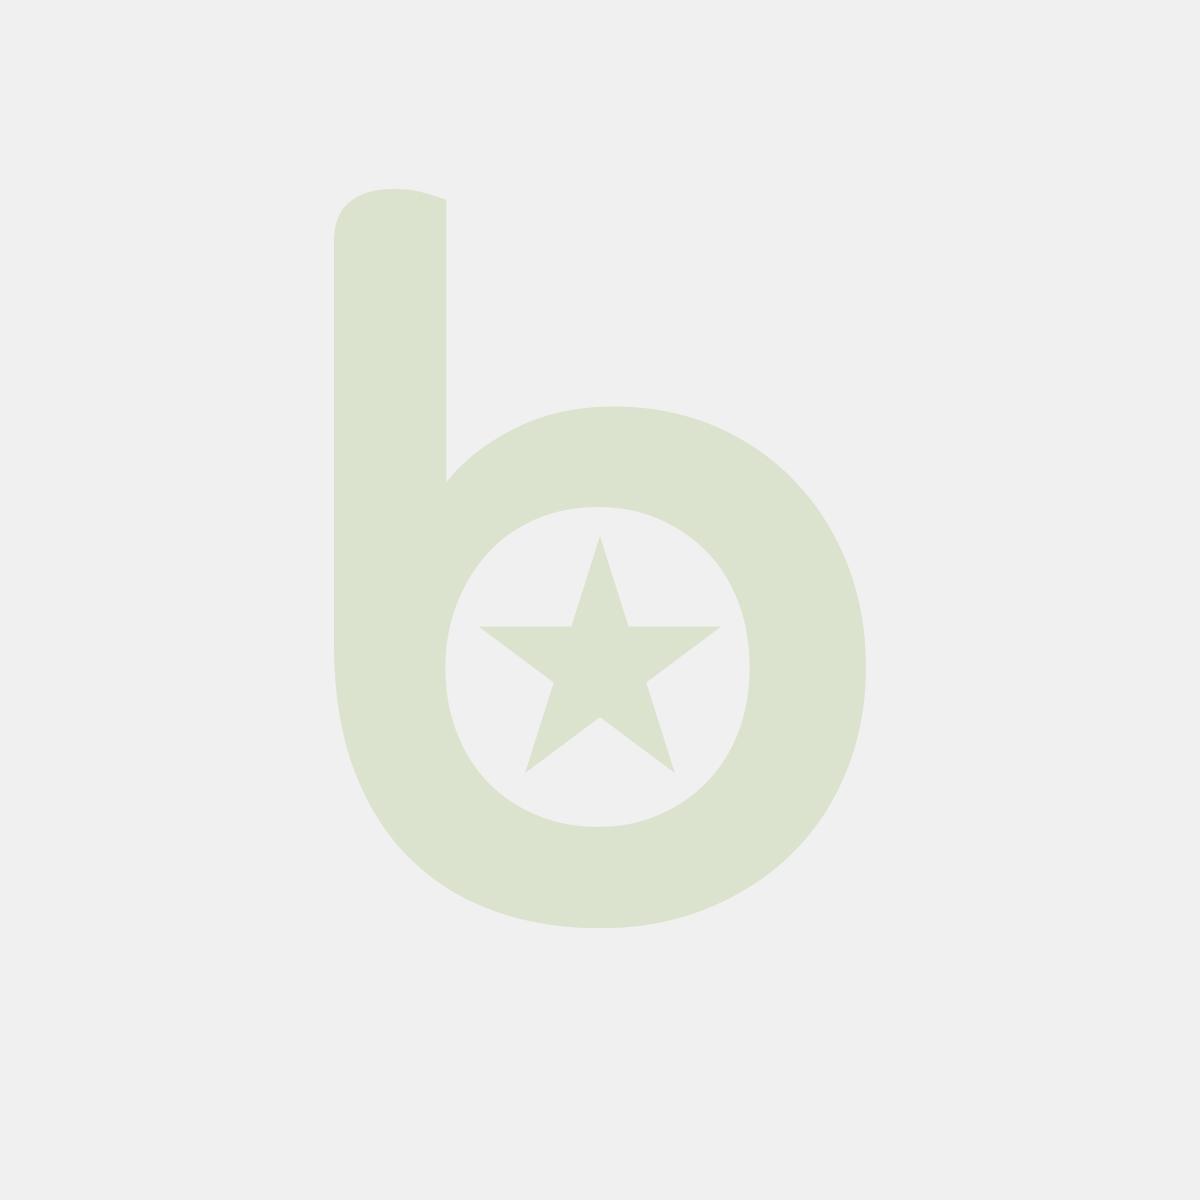 Bloczek samoprzylepny DONAU, 105x76mm, 1x100 kart., jasnożółty